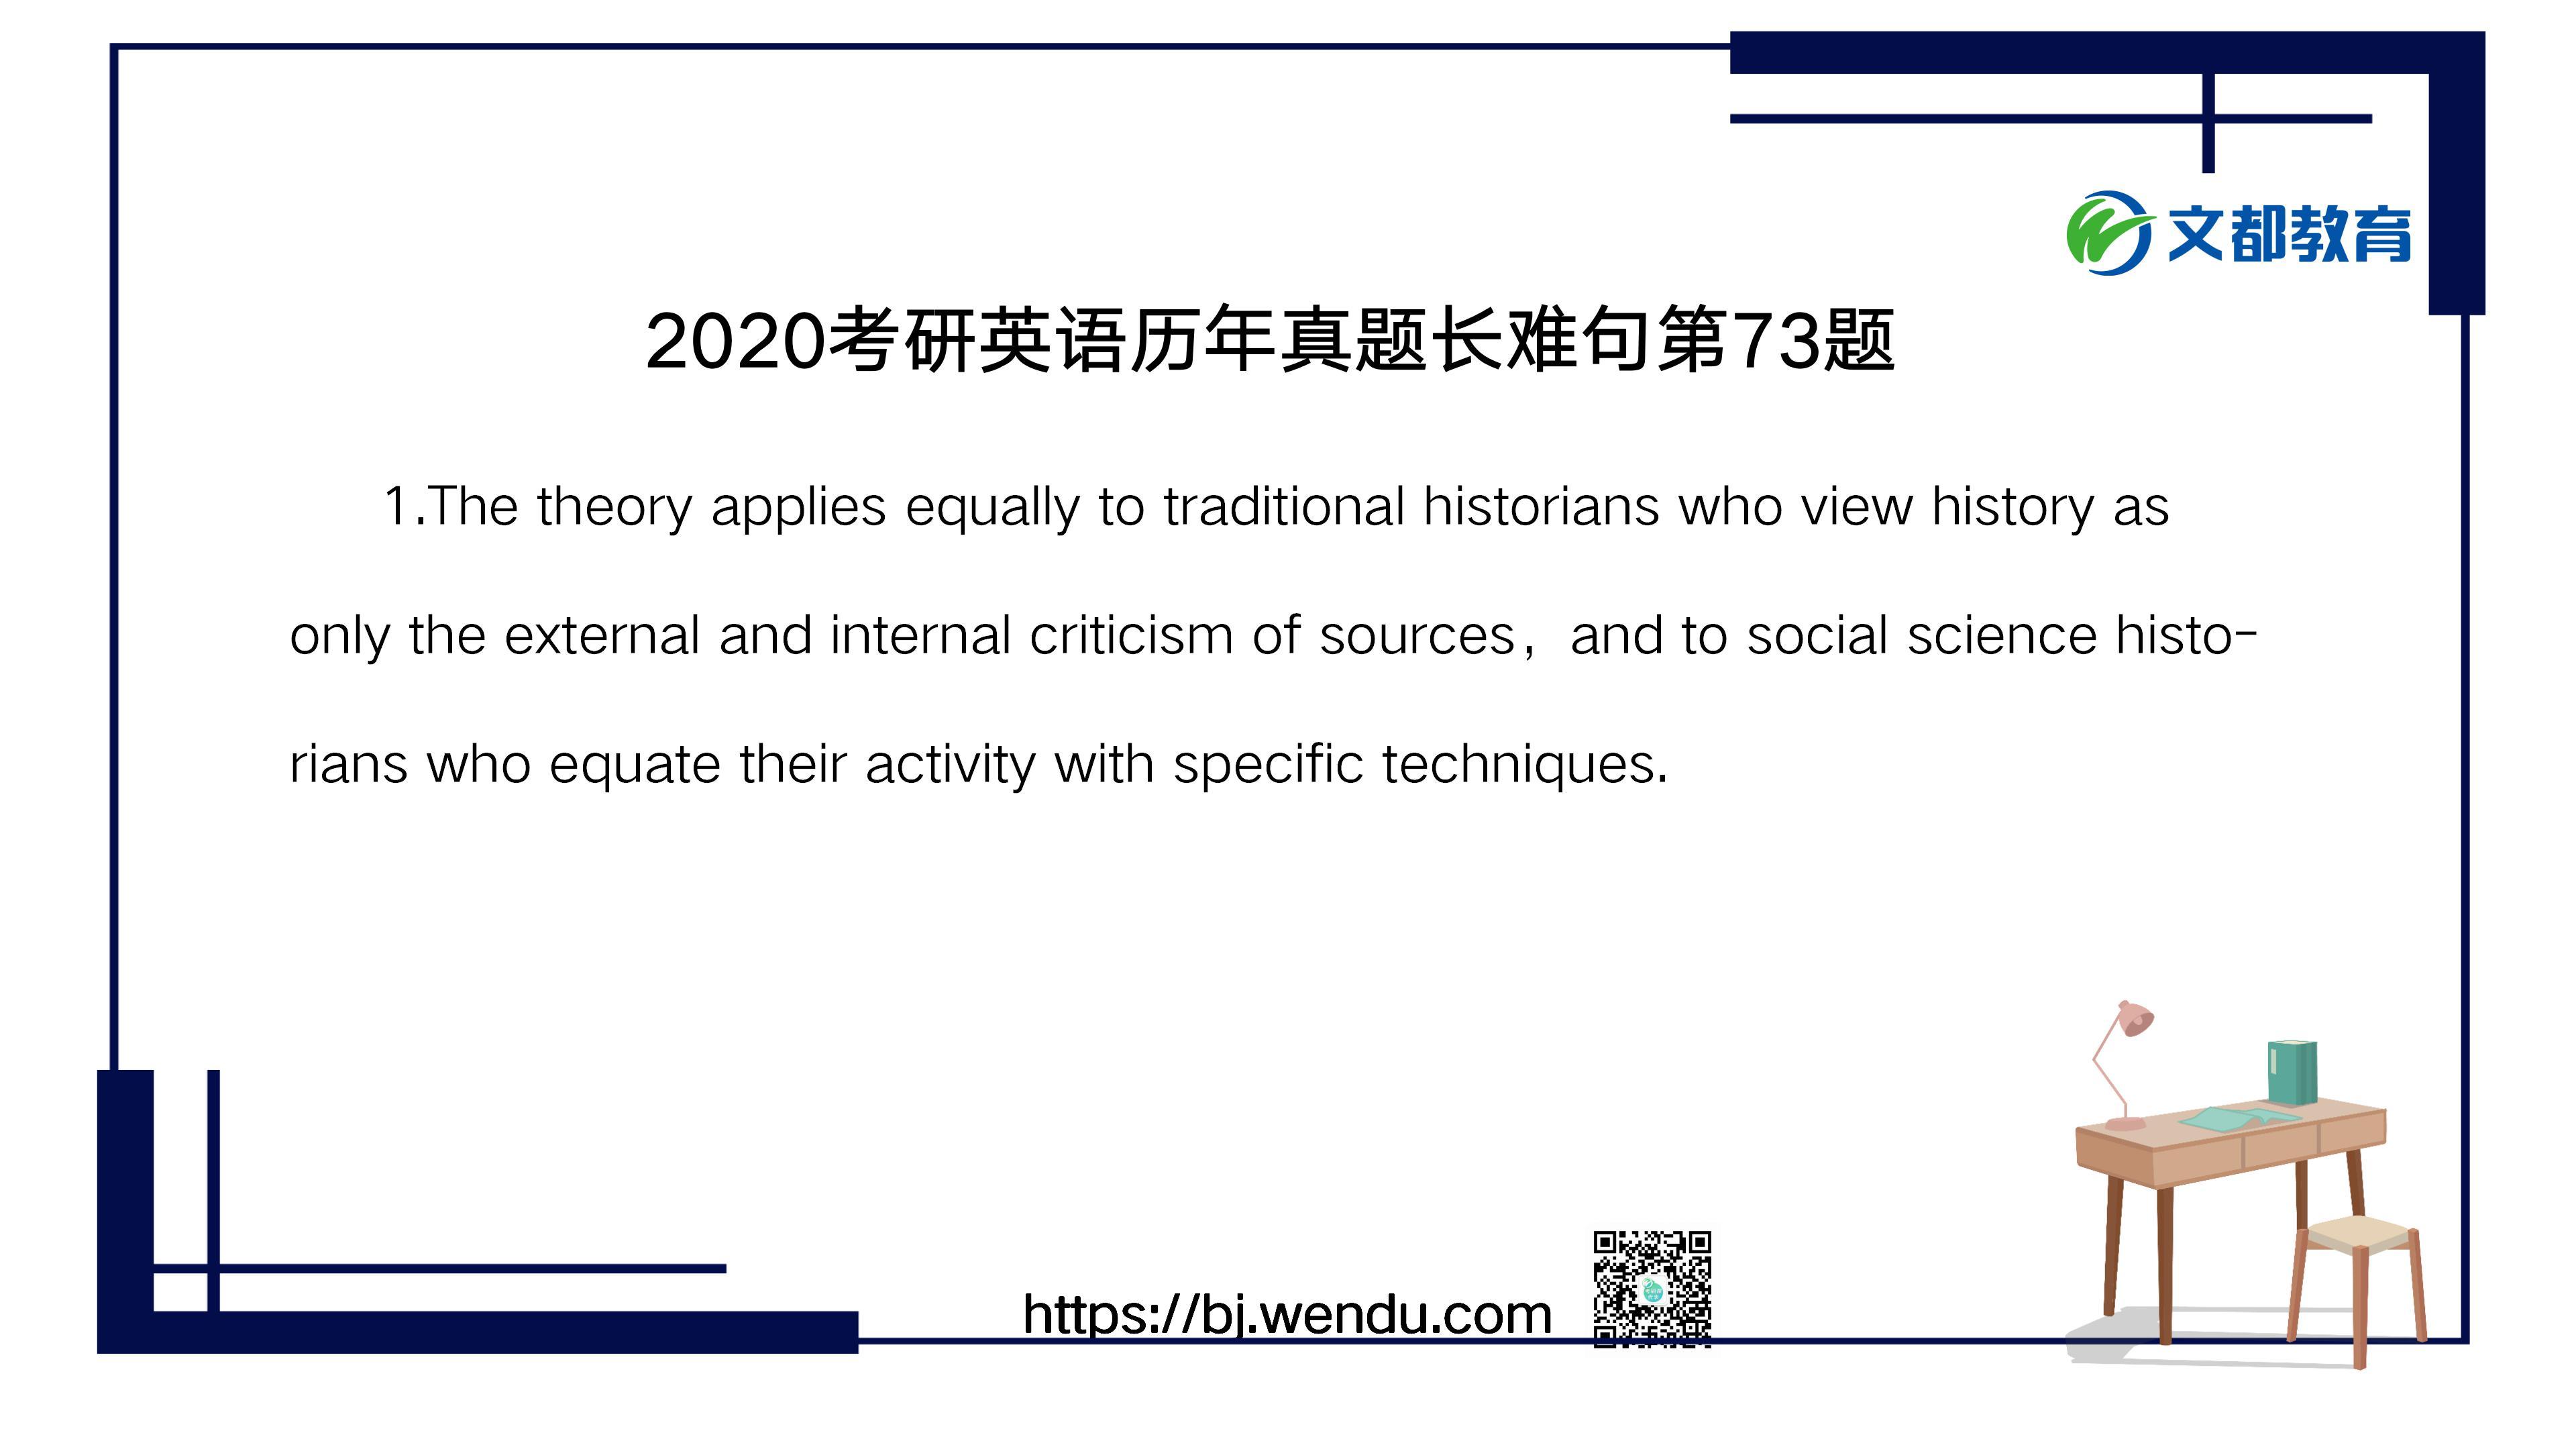 2020考研英语历年真题长难句第73题